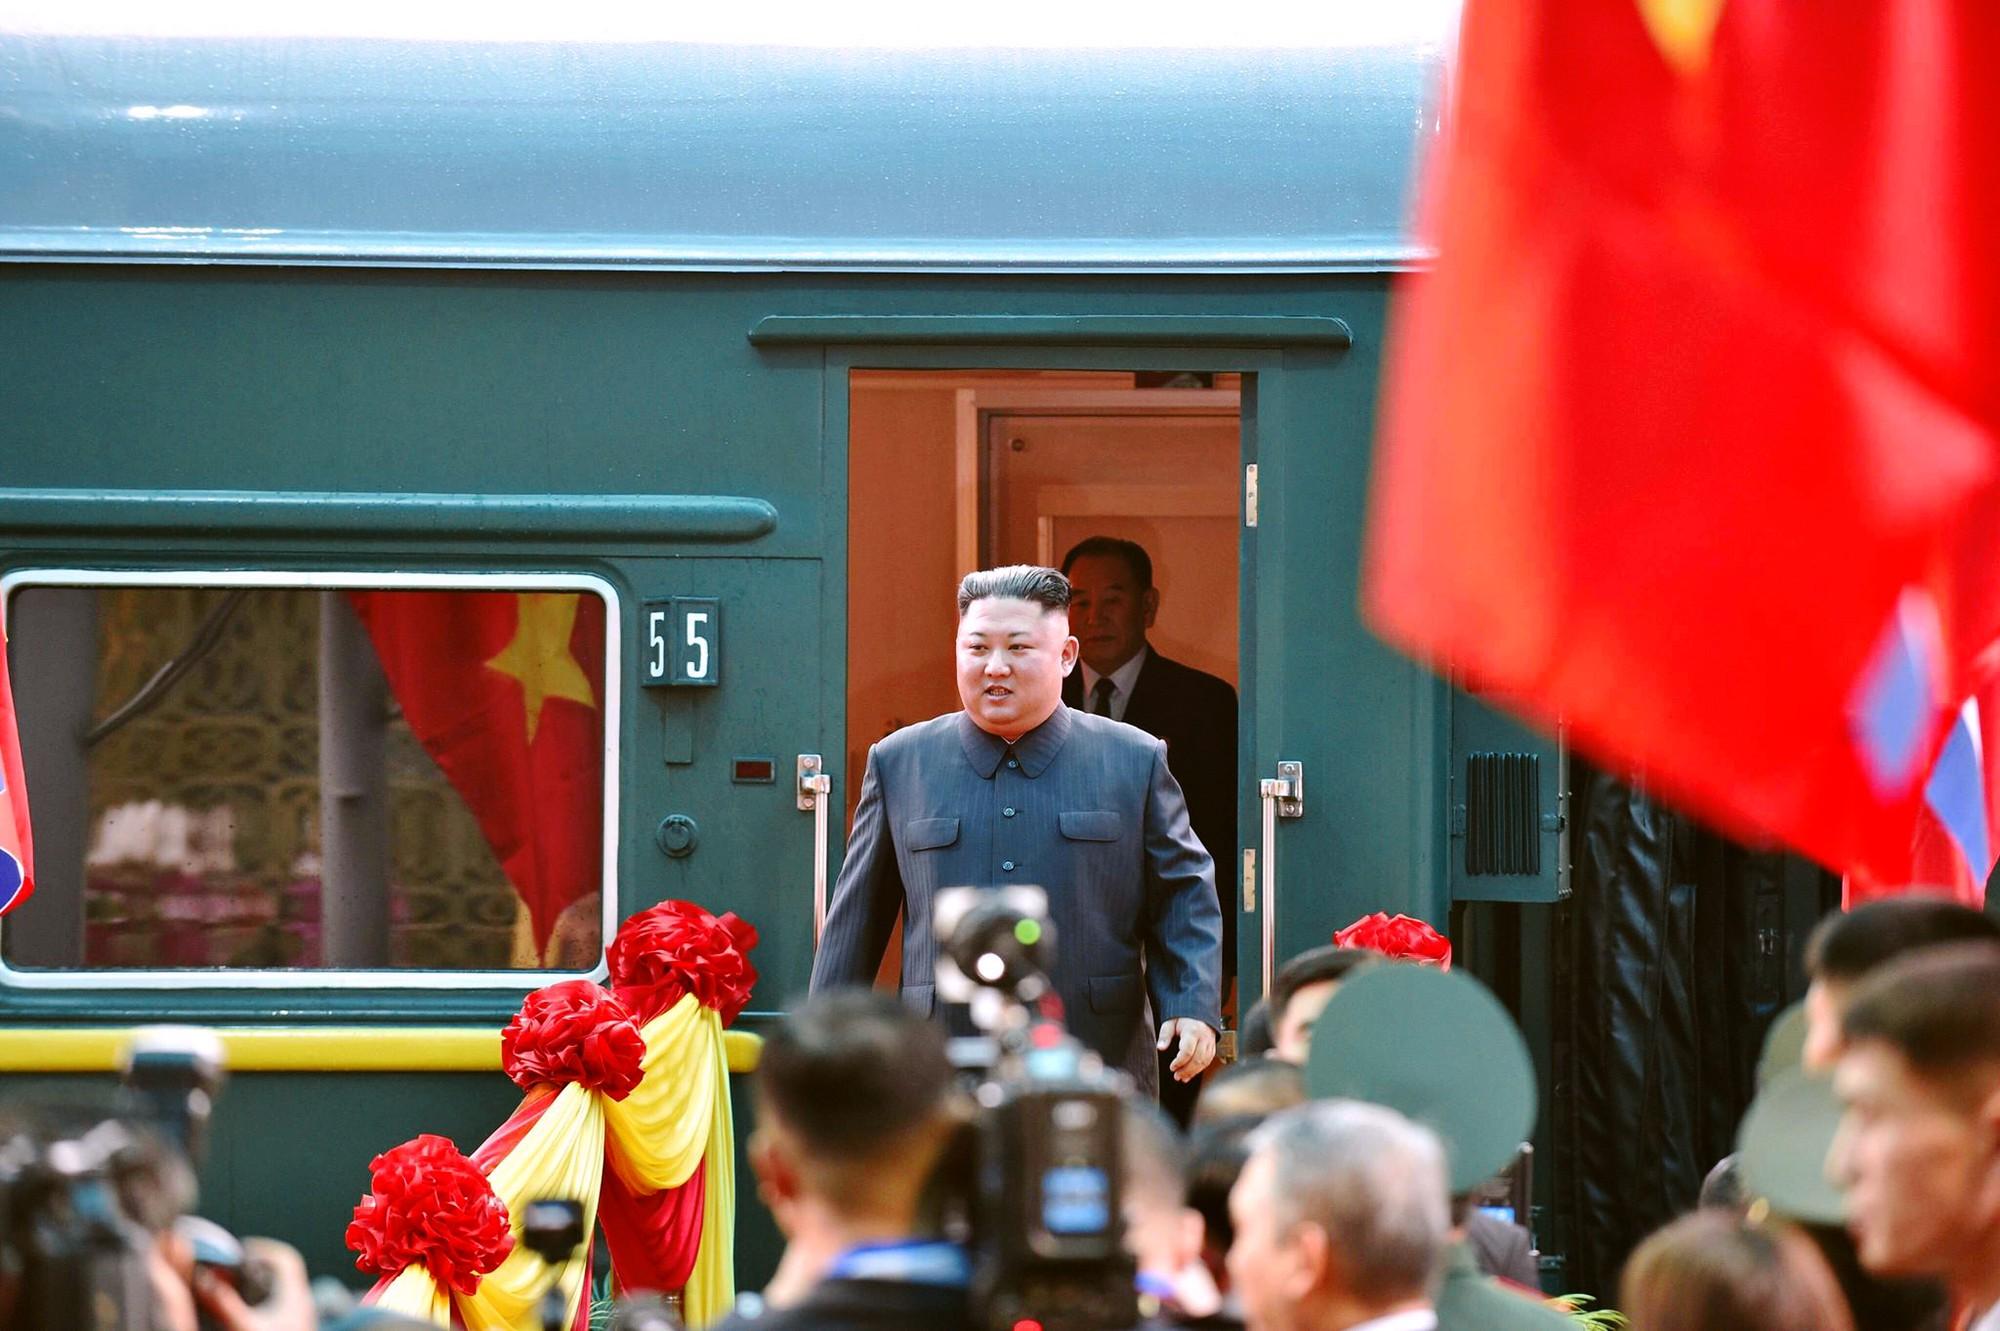 [PHOTO ESSAY] Những khoảnh khắc lịch sử trong chuyến công du Việt Nam đầu tiên của Chủ tịch Kim Jong-un - Ảnh 3.